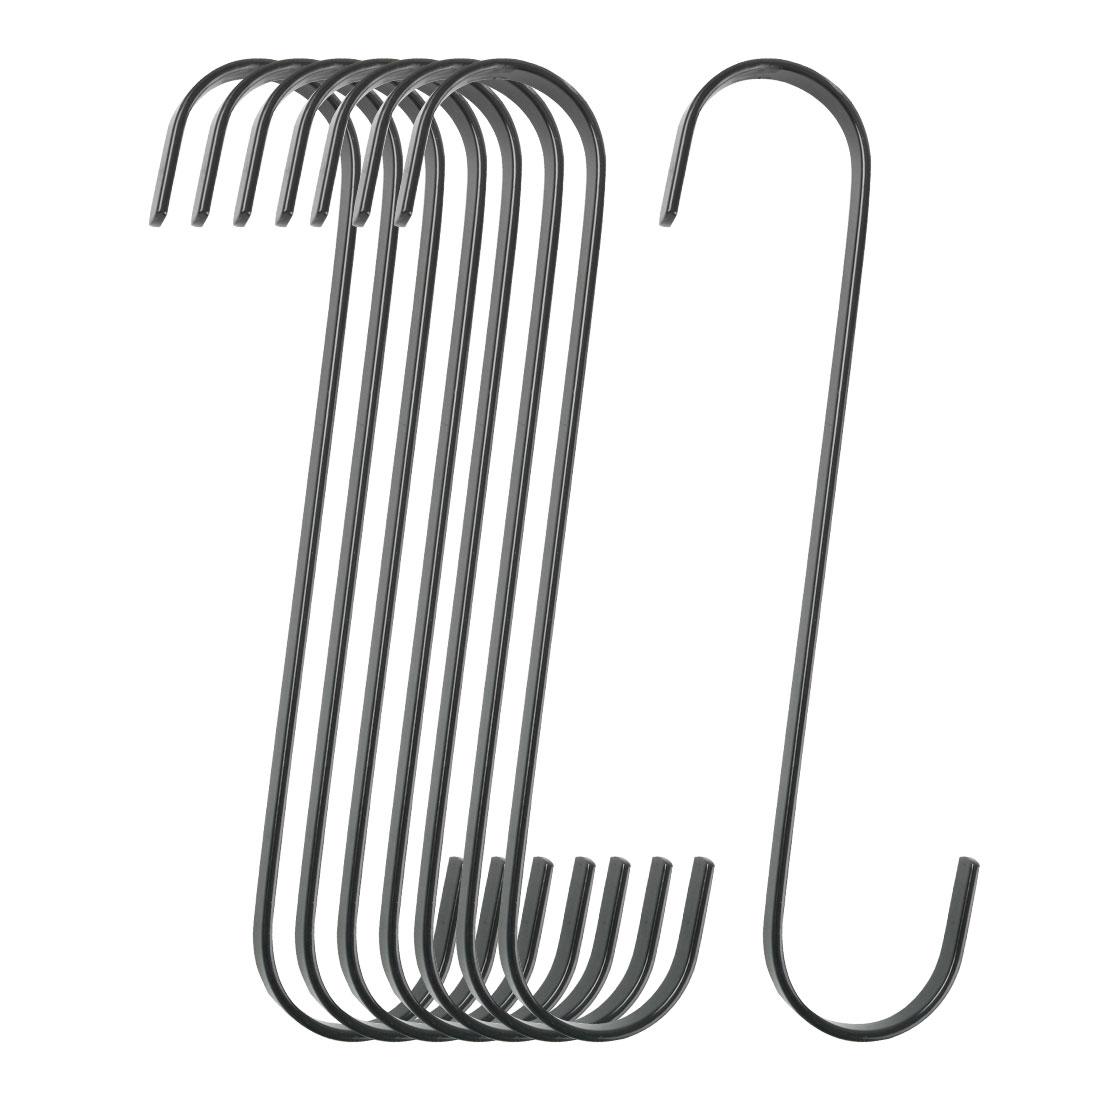 8pcs S Shape Hook Rack Stainless Steel for Pot Utensils Coat Towel Holder Black